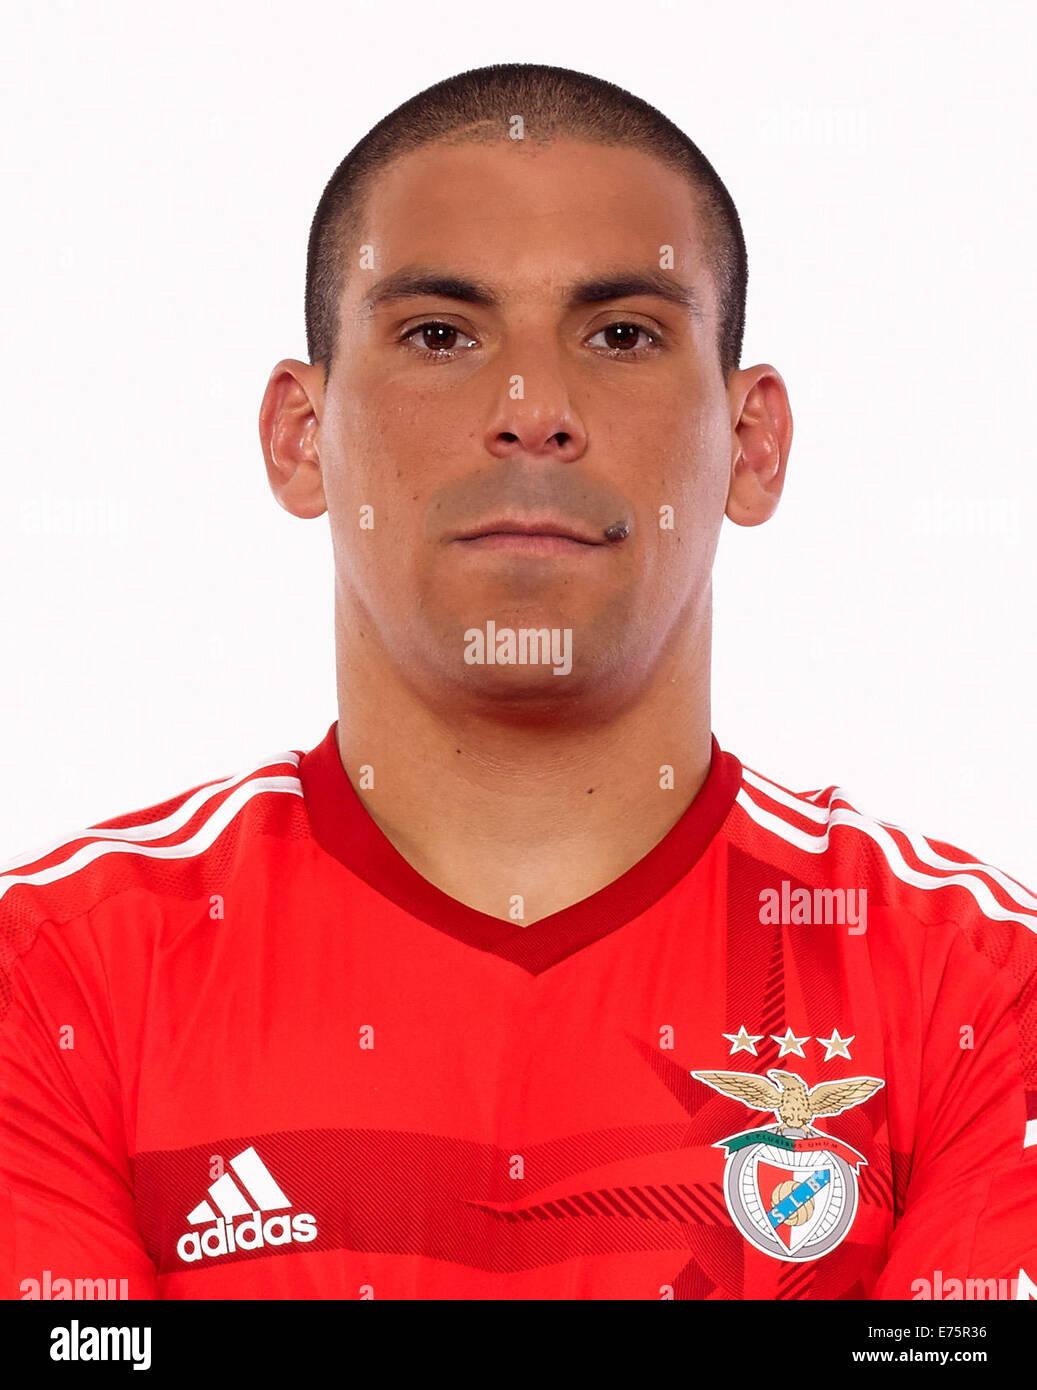 Portugal - Primera Liga Zon-Sagres 2014-2015 /  Victorio Maximiliano Pereira Paez ' Maxi Pereira ' - ( Sl - Stock Image